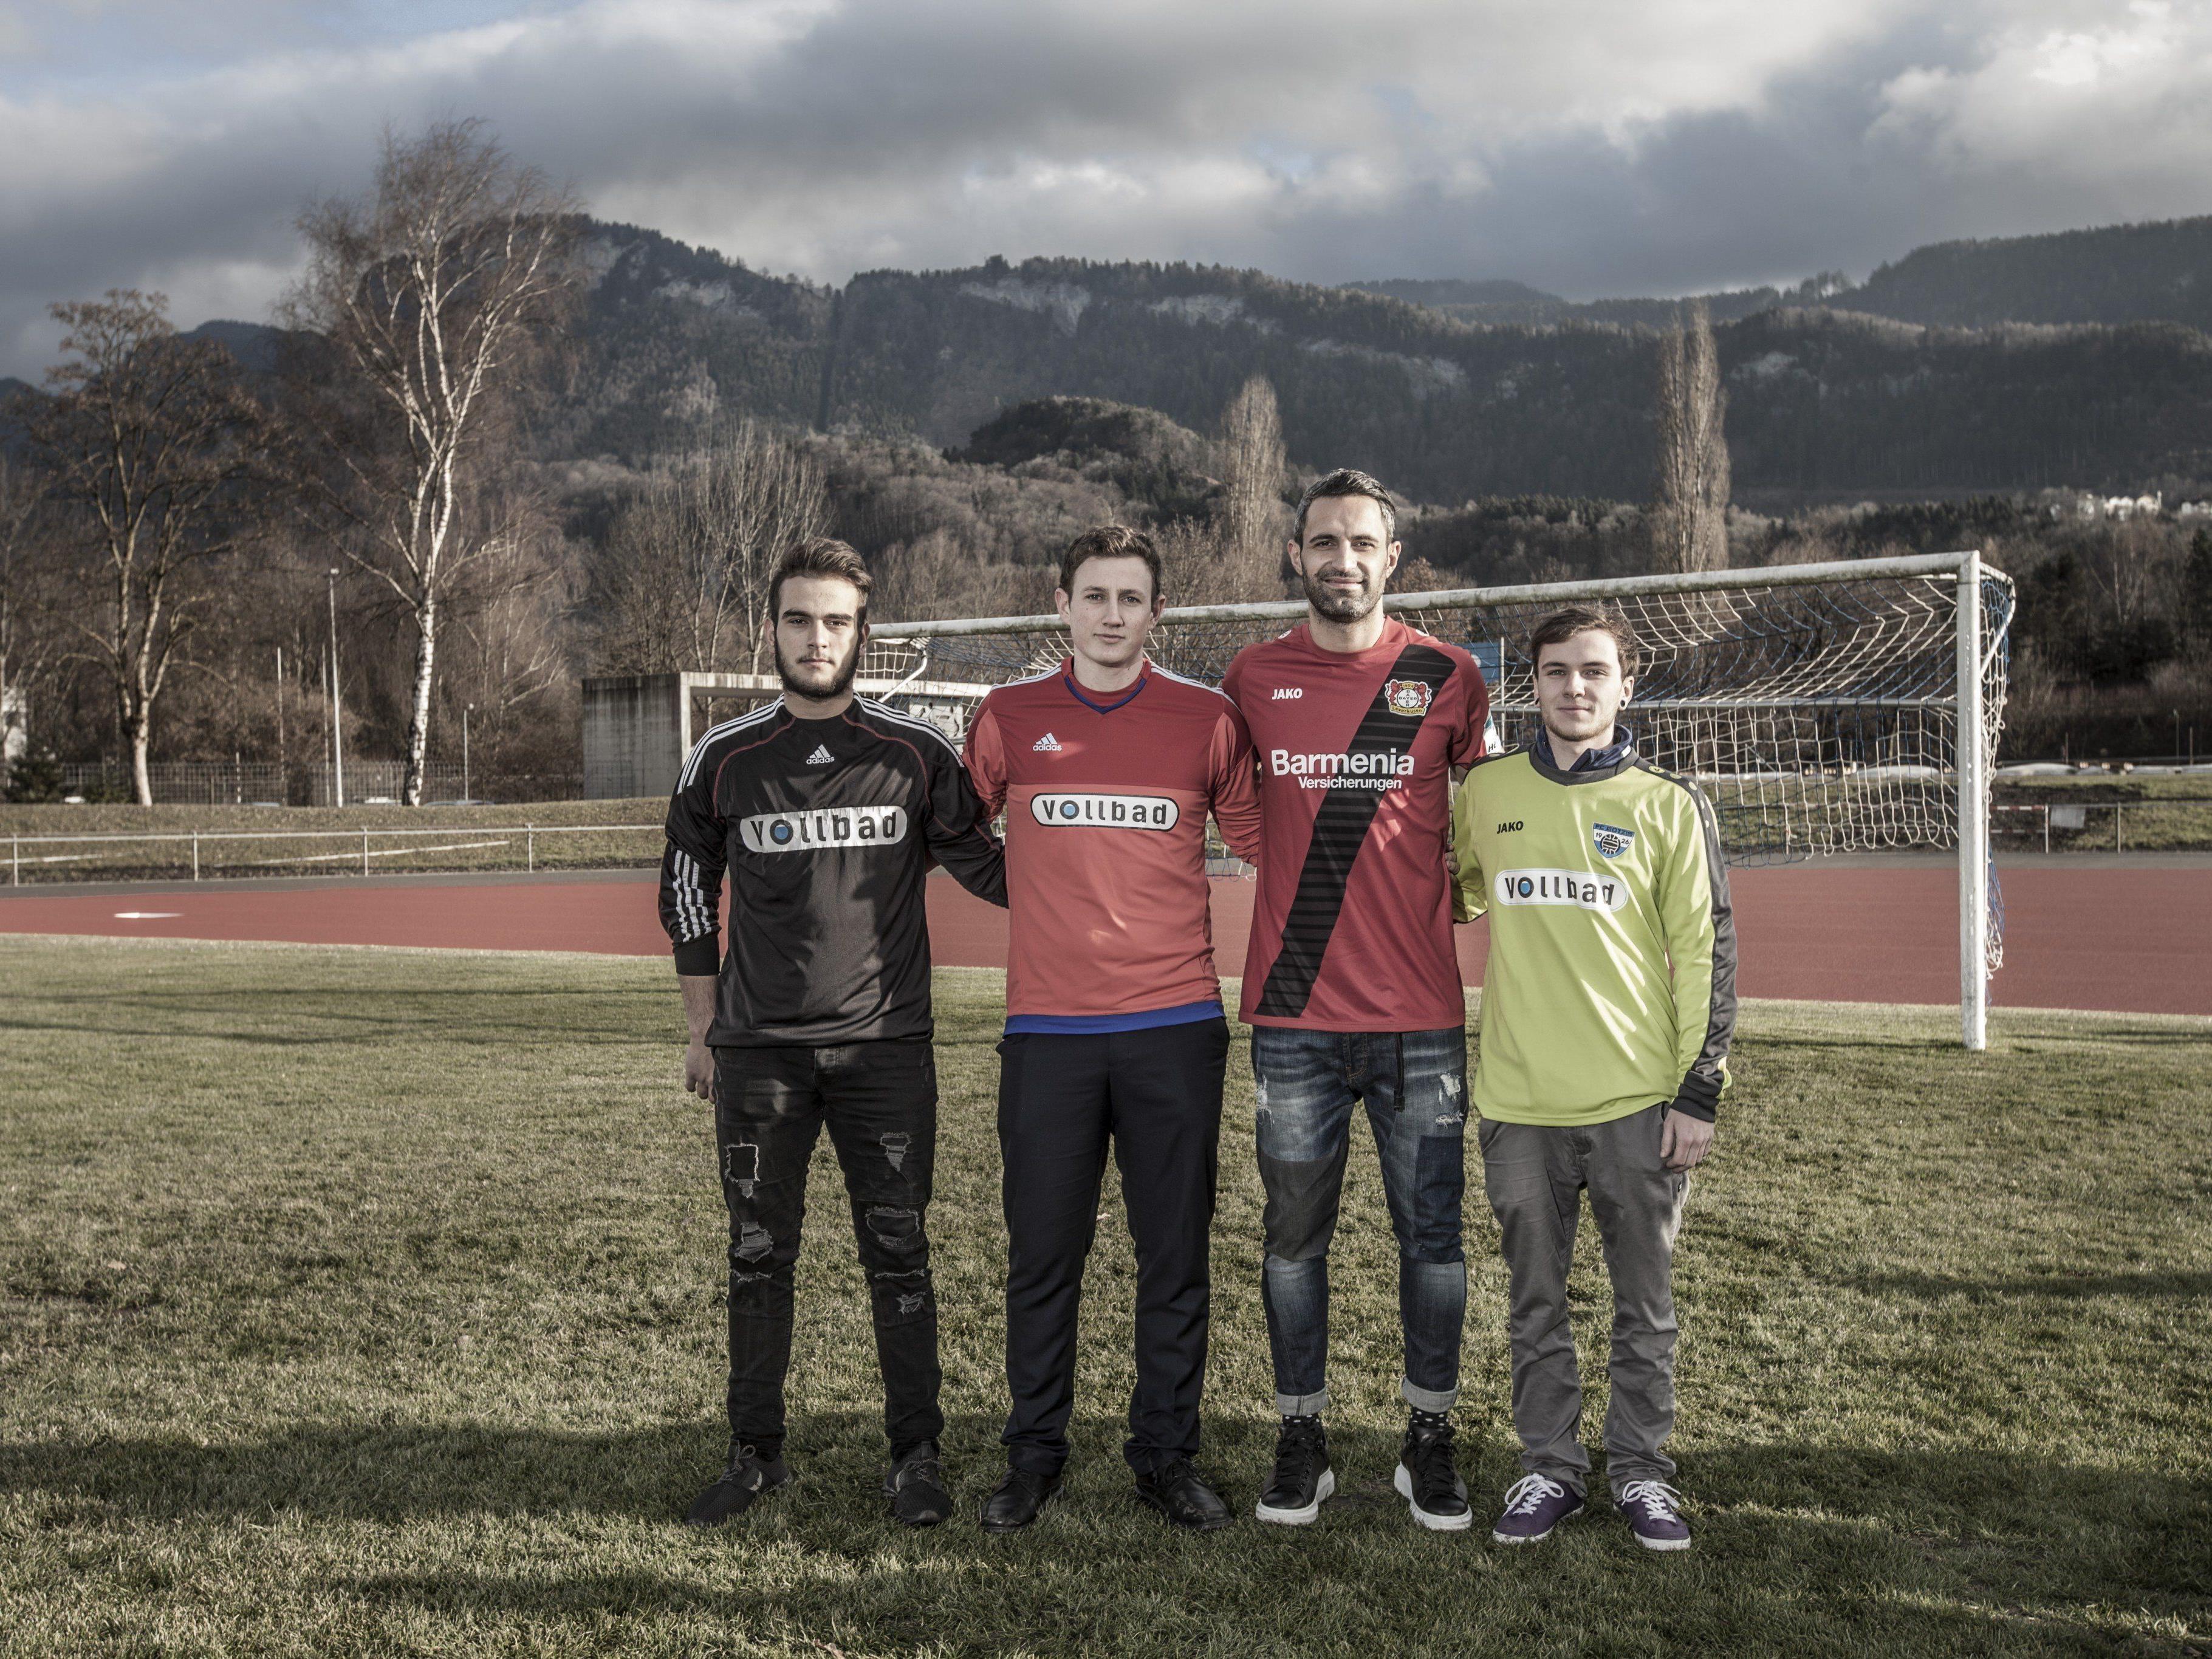 Ramazan Özcan (3. von links) mit den aktuellen Torhütern des FC Götzis im Möslestadion